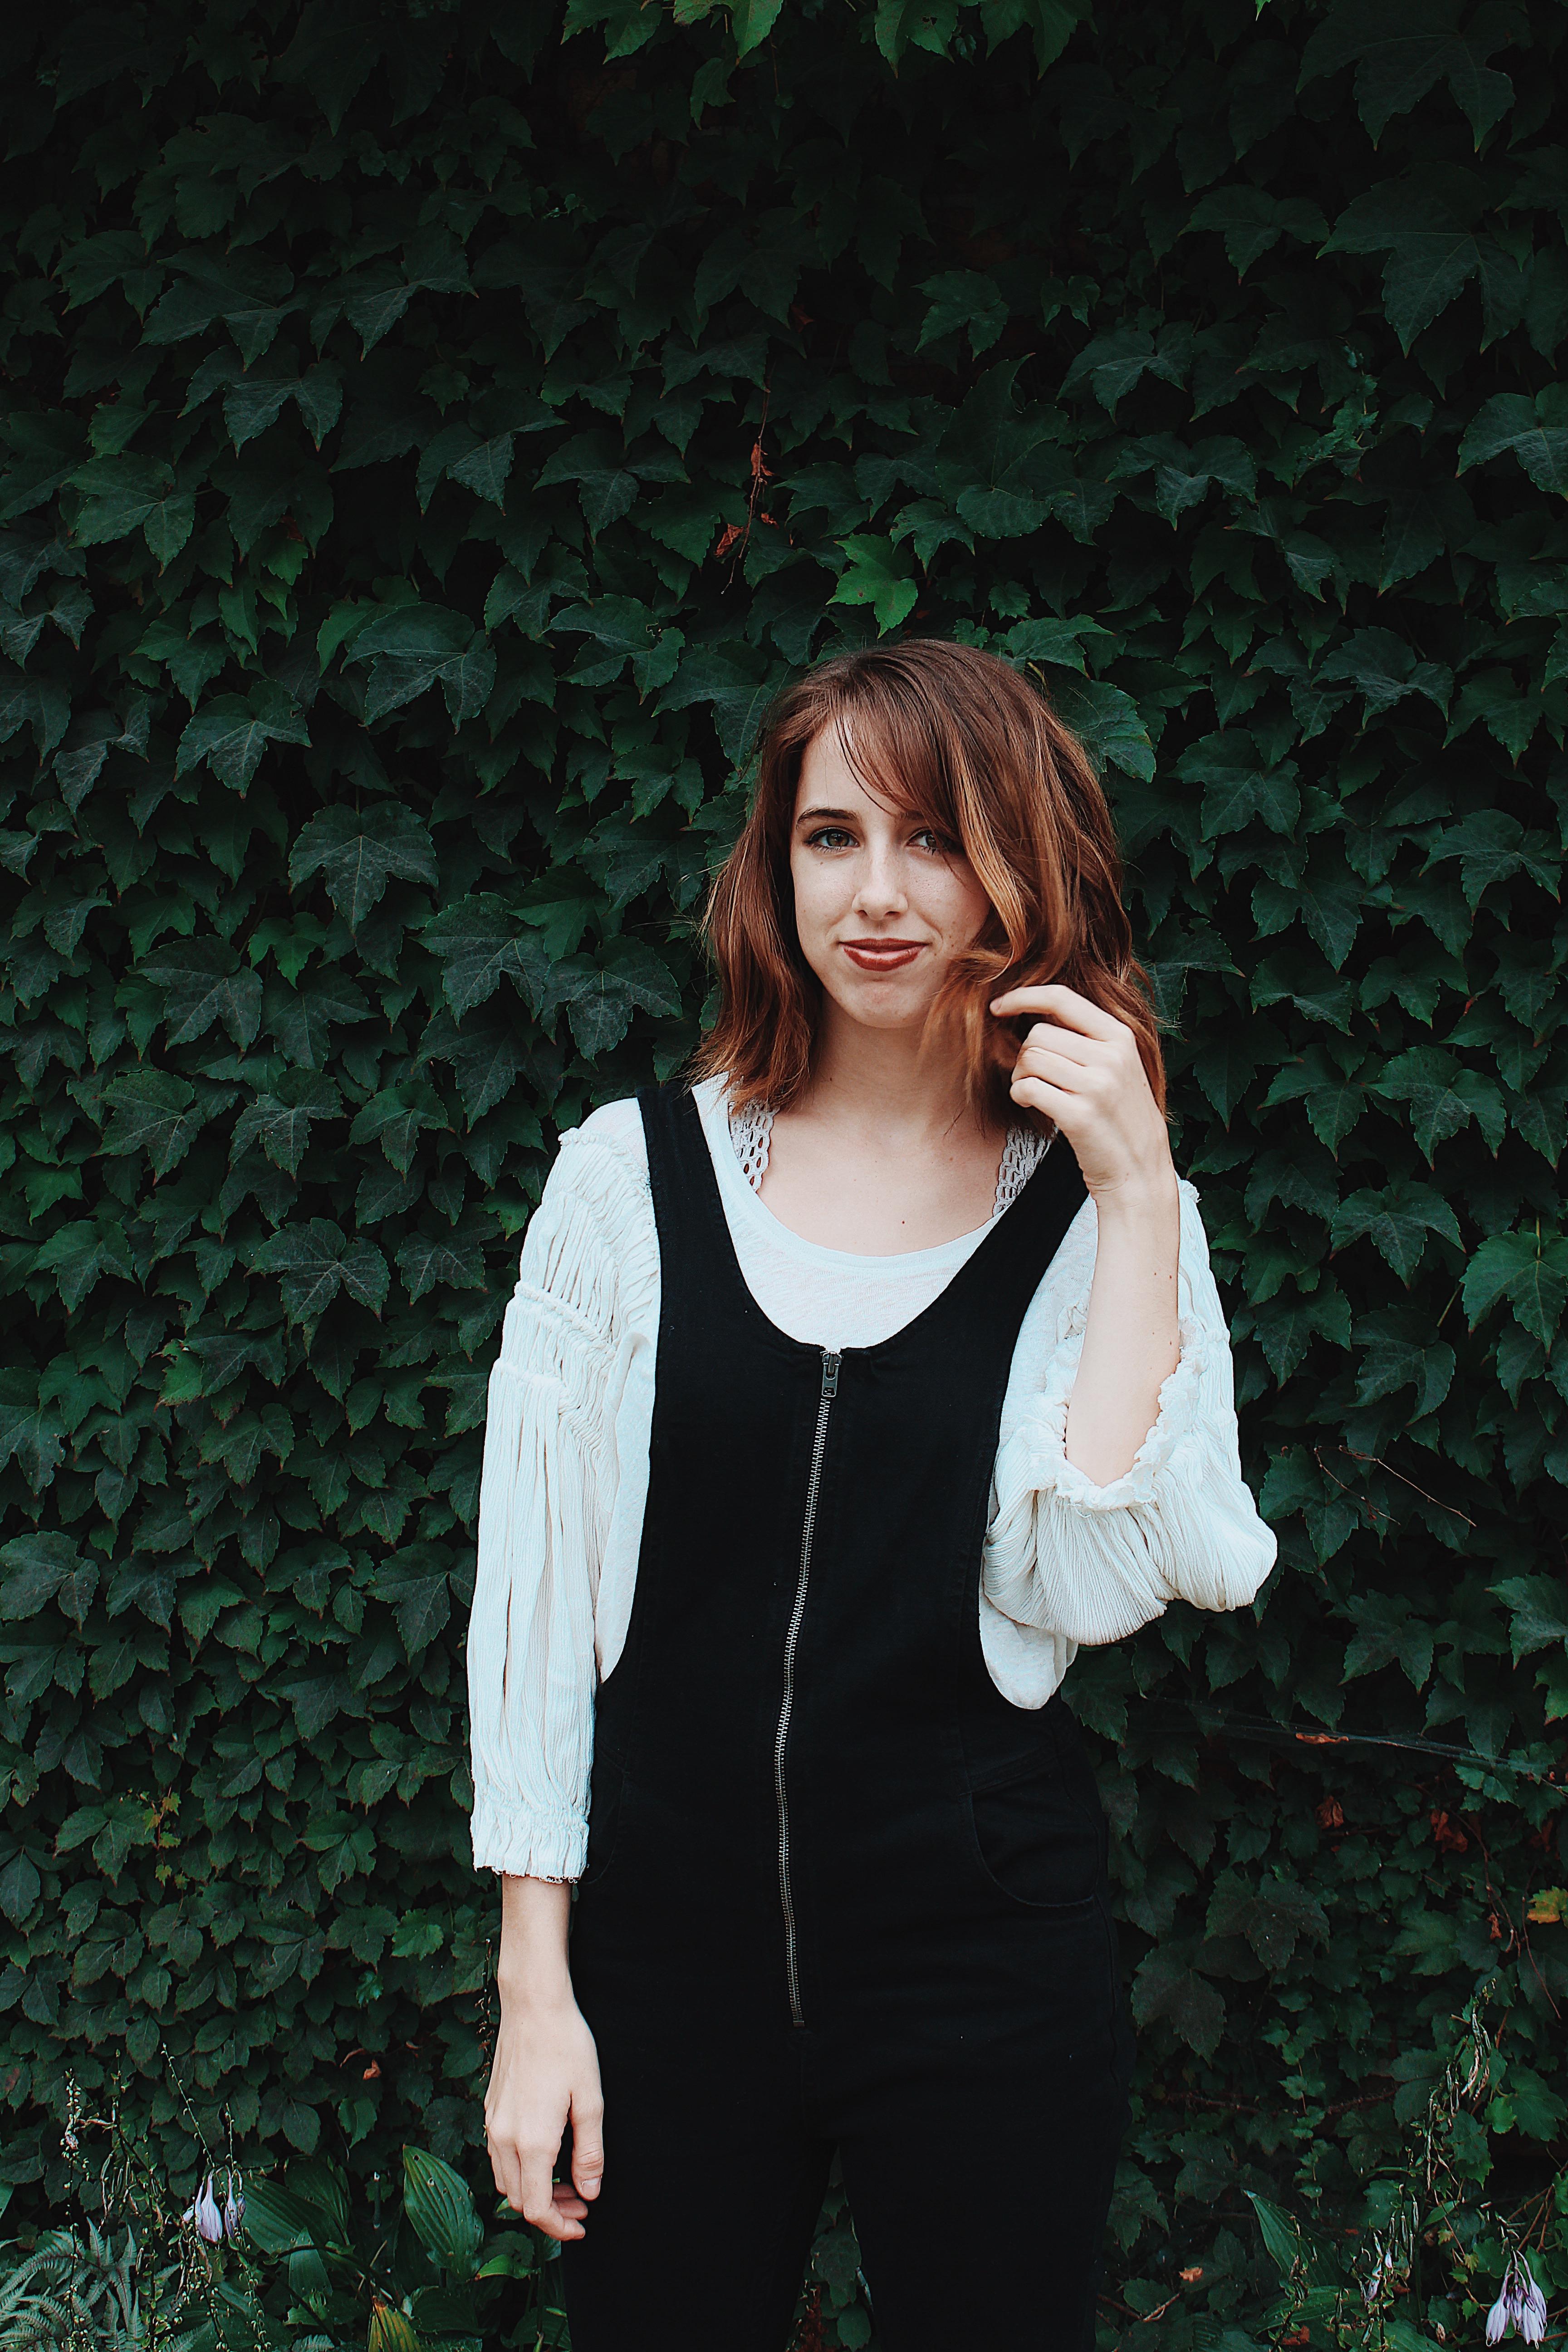 Brynne Anika